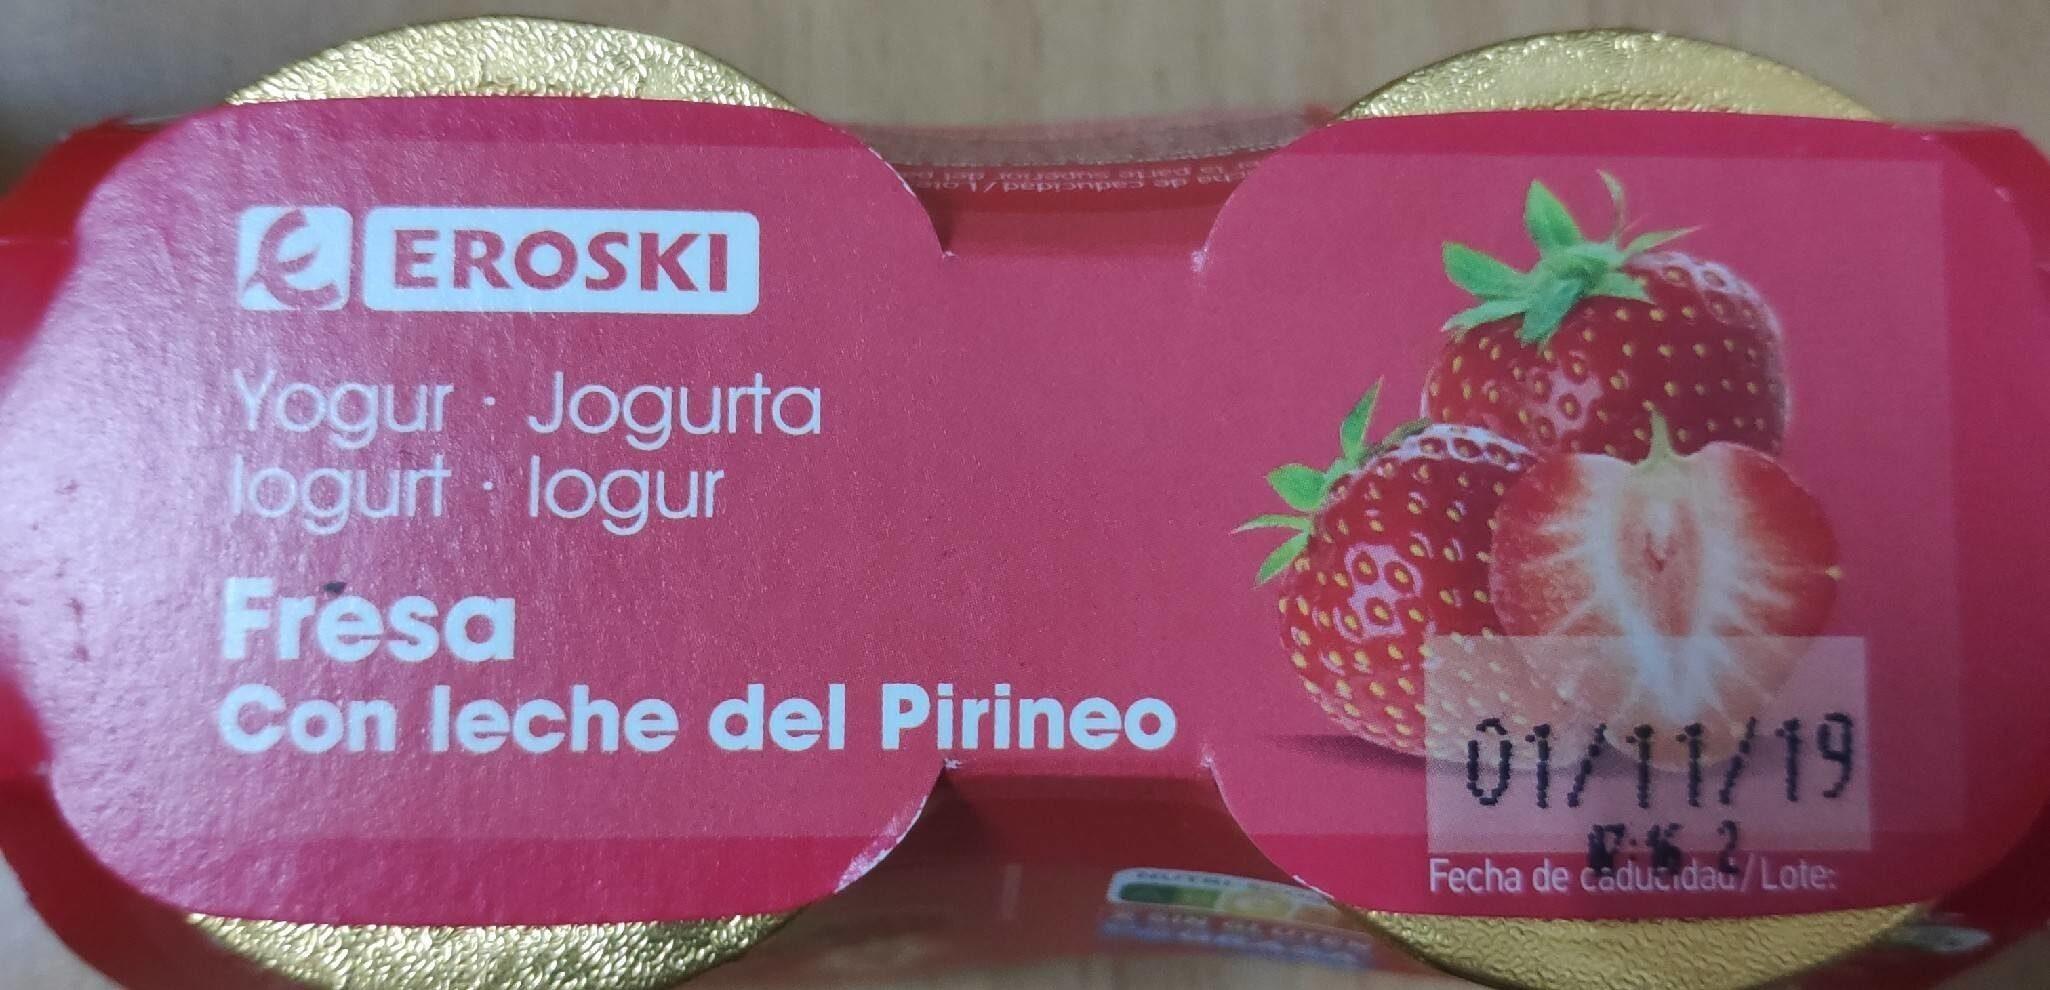 Yogur Fresa con Leche del Pirineo - Producto